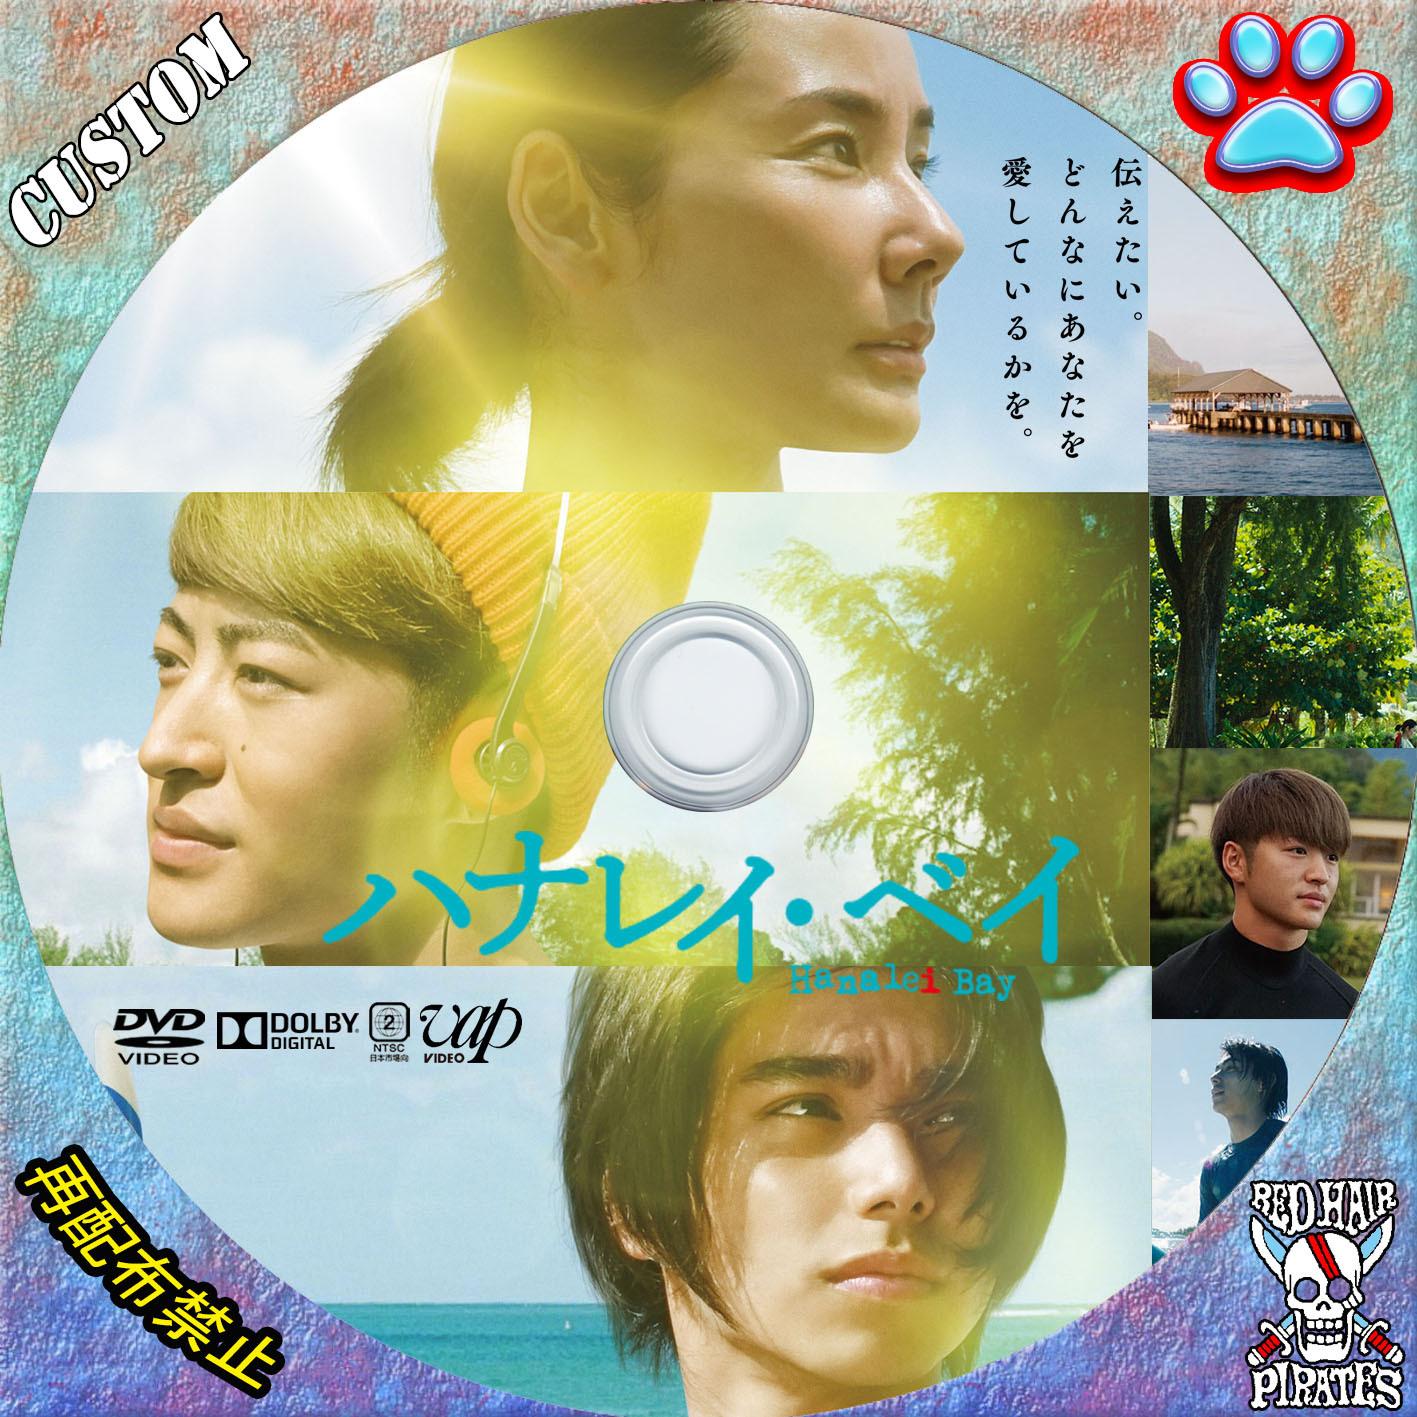 村上 春樹 dvd